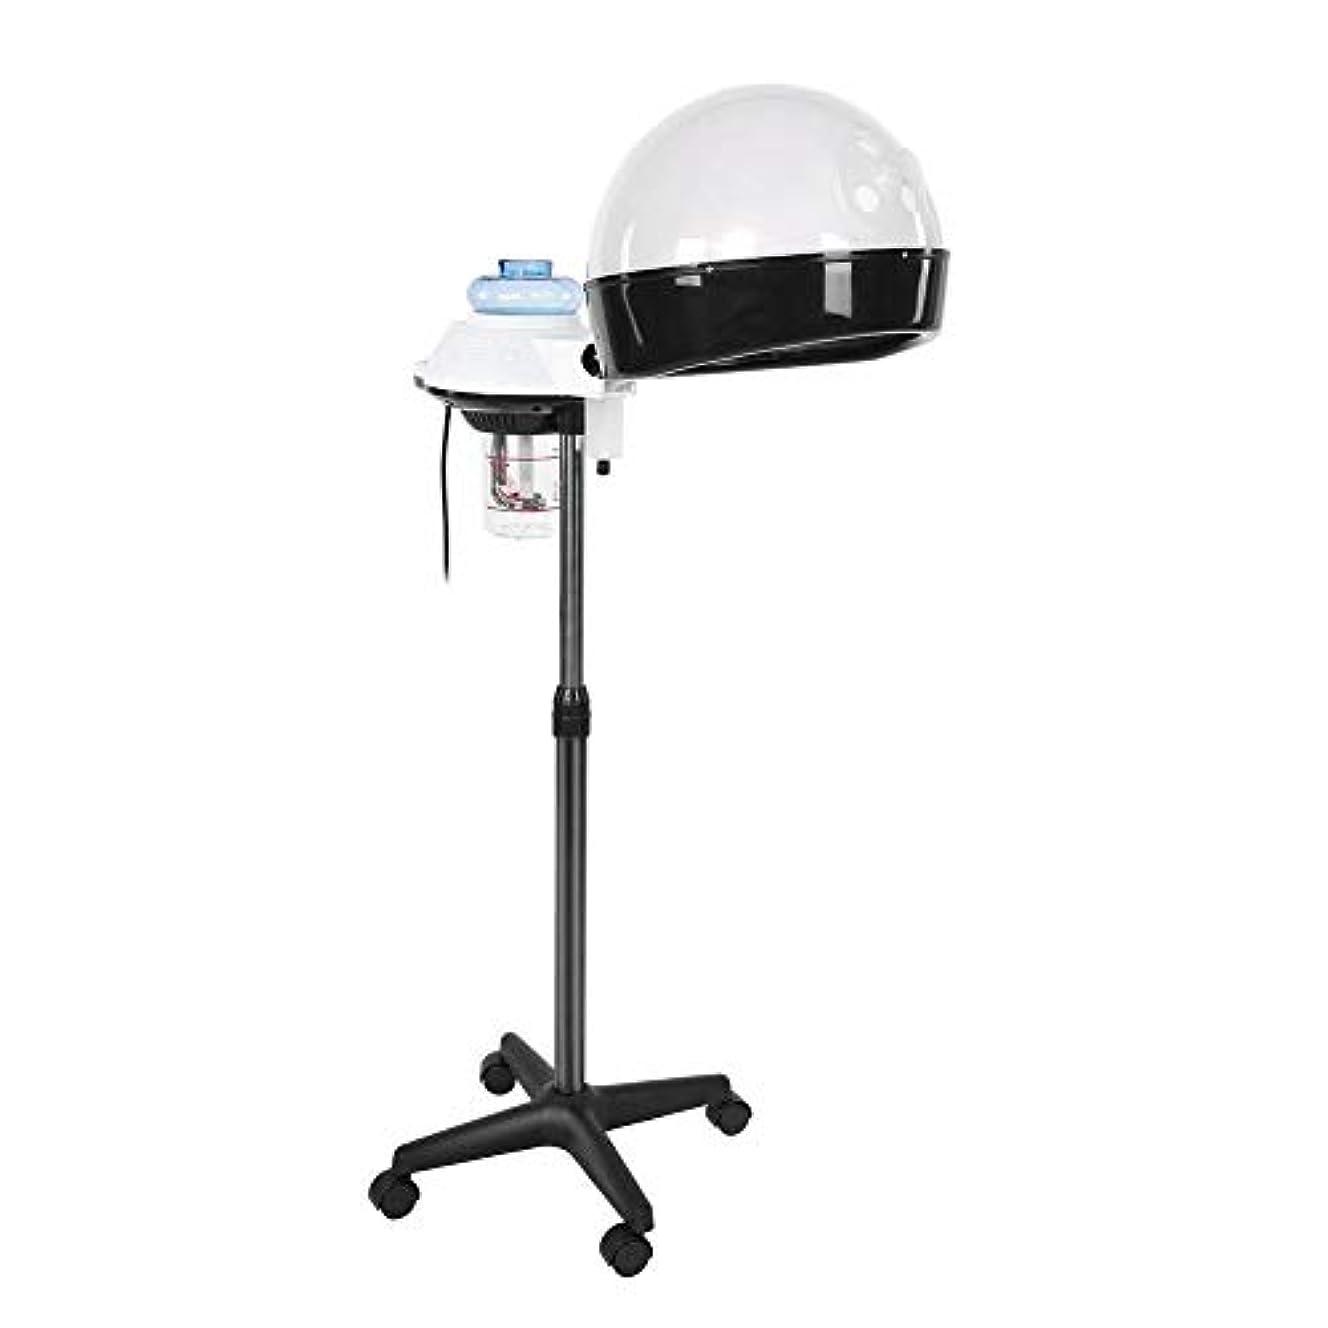 選出する責める身元ヘア 加湿器 パーソナルケア用のデザイン ホットミストオゾンヘアセラピー美容機器 個人用家庭用 (US)